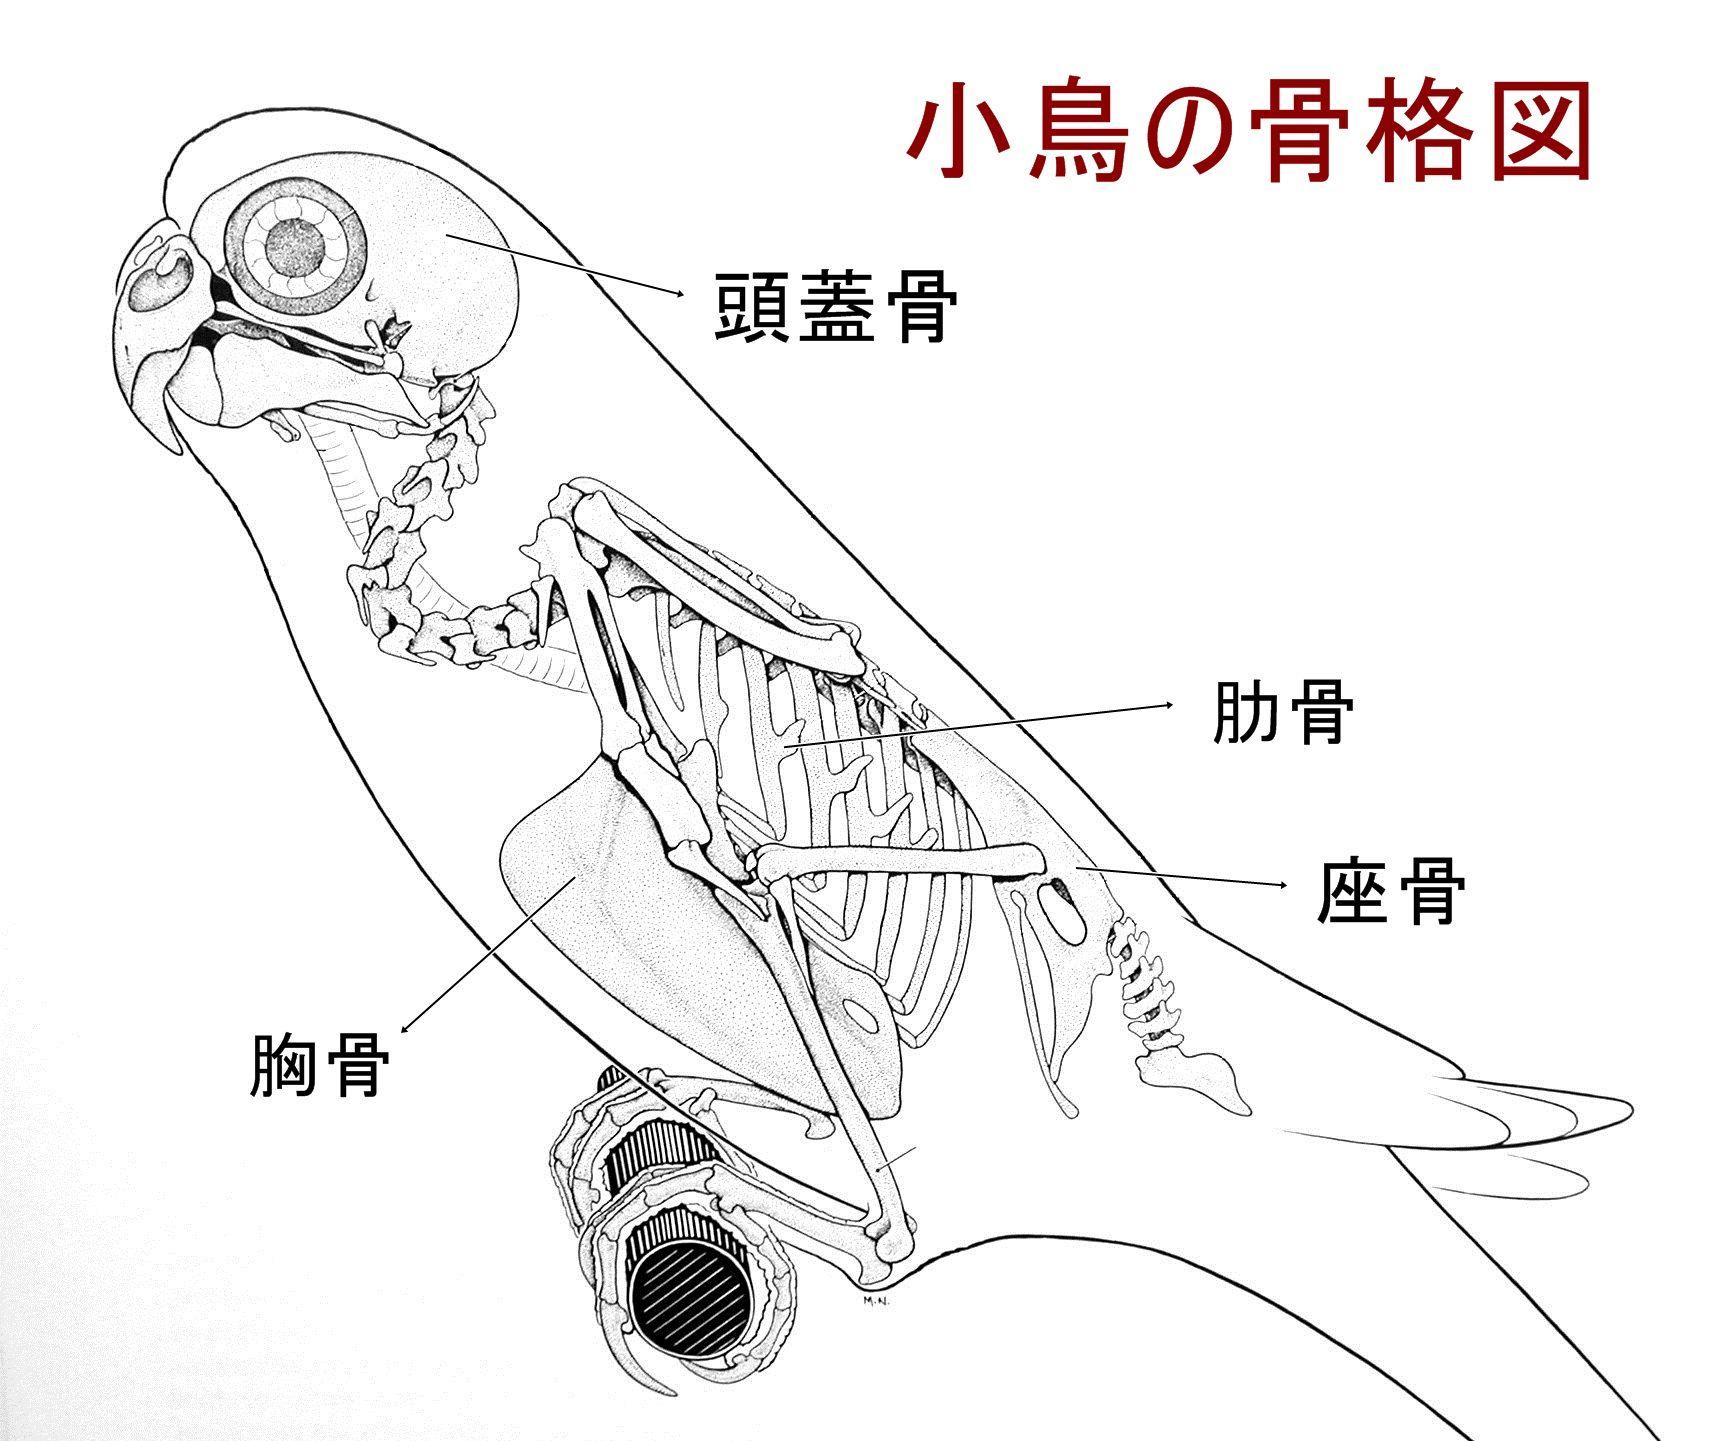 2018 年の「小鳥の骨格図 | 骨格と筋肉:動物」 | pinterest | 動物、鳥